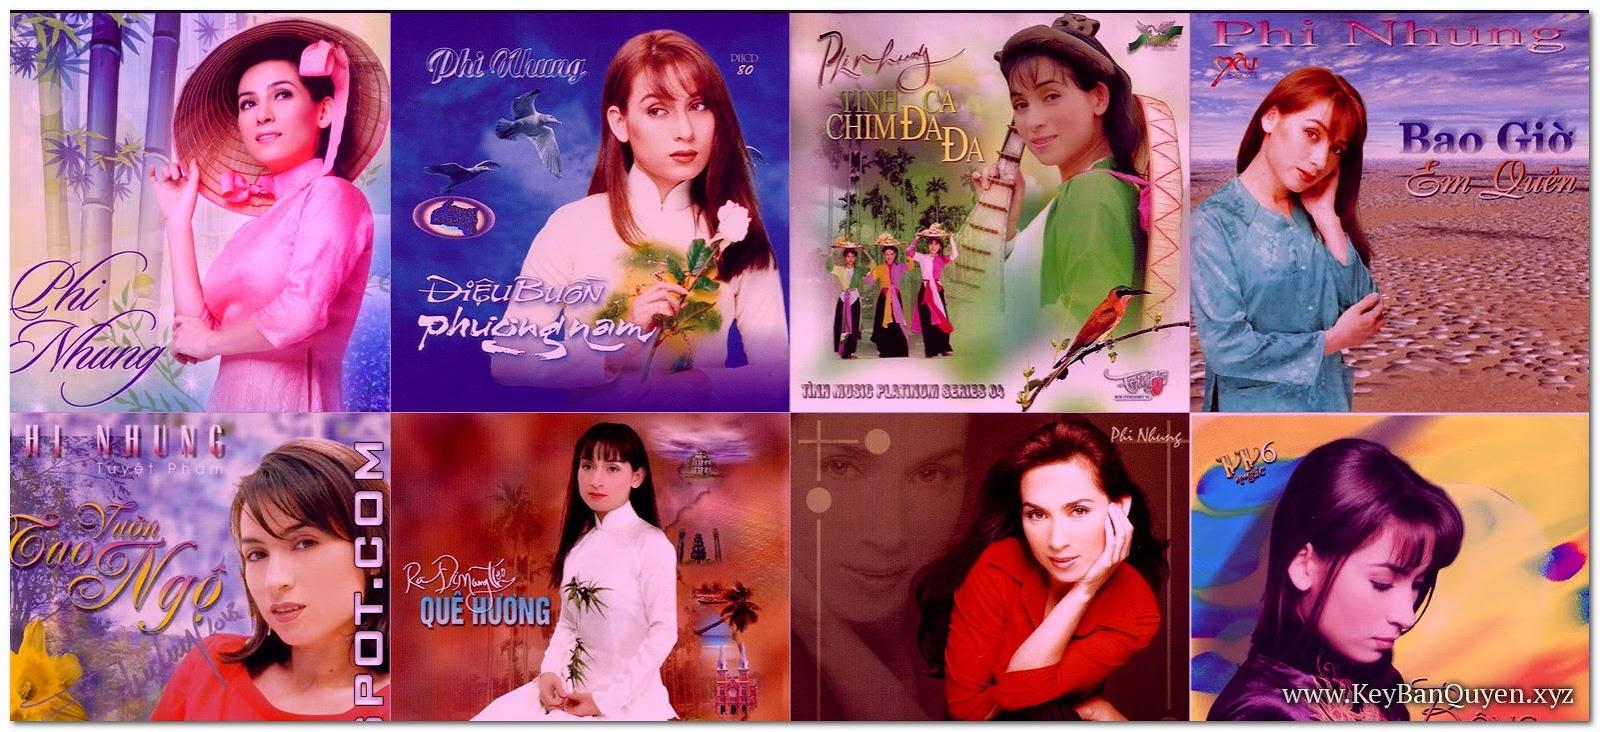 Tổng hợp tất cả Album nhạc của Phi Nhung [ WAV + FLAC ]